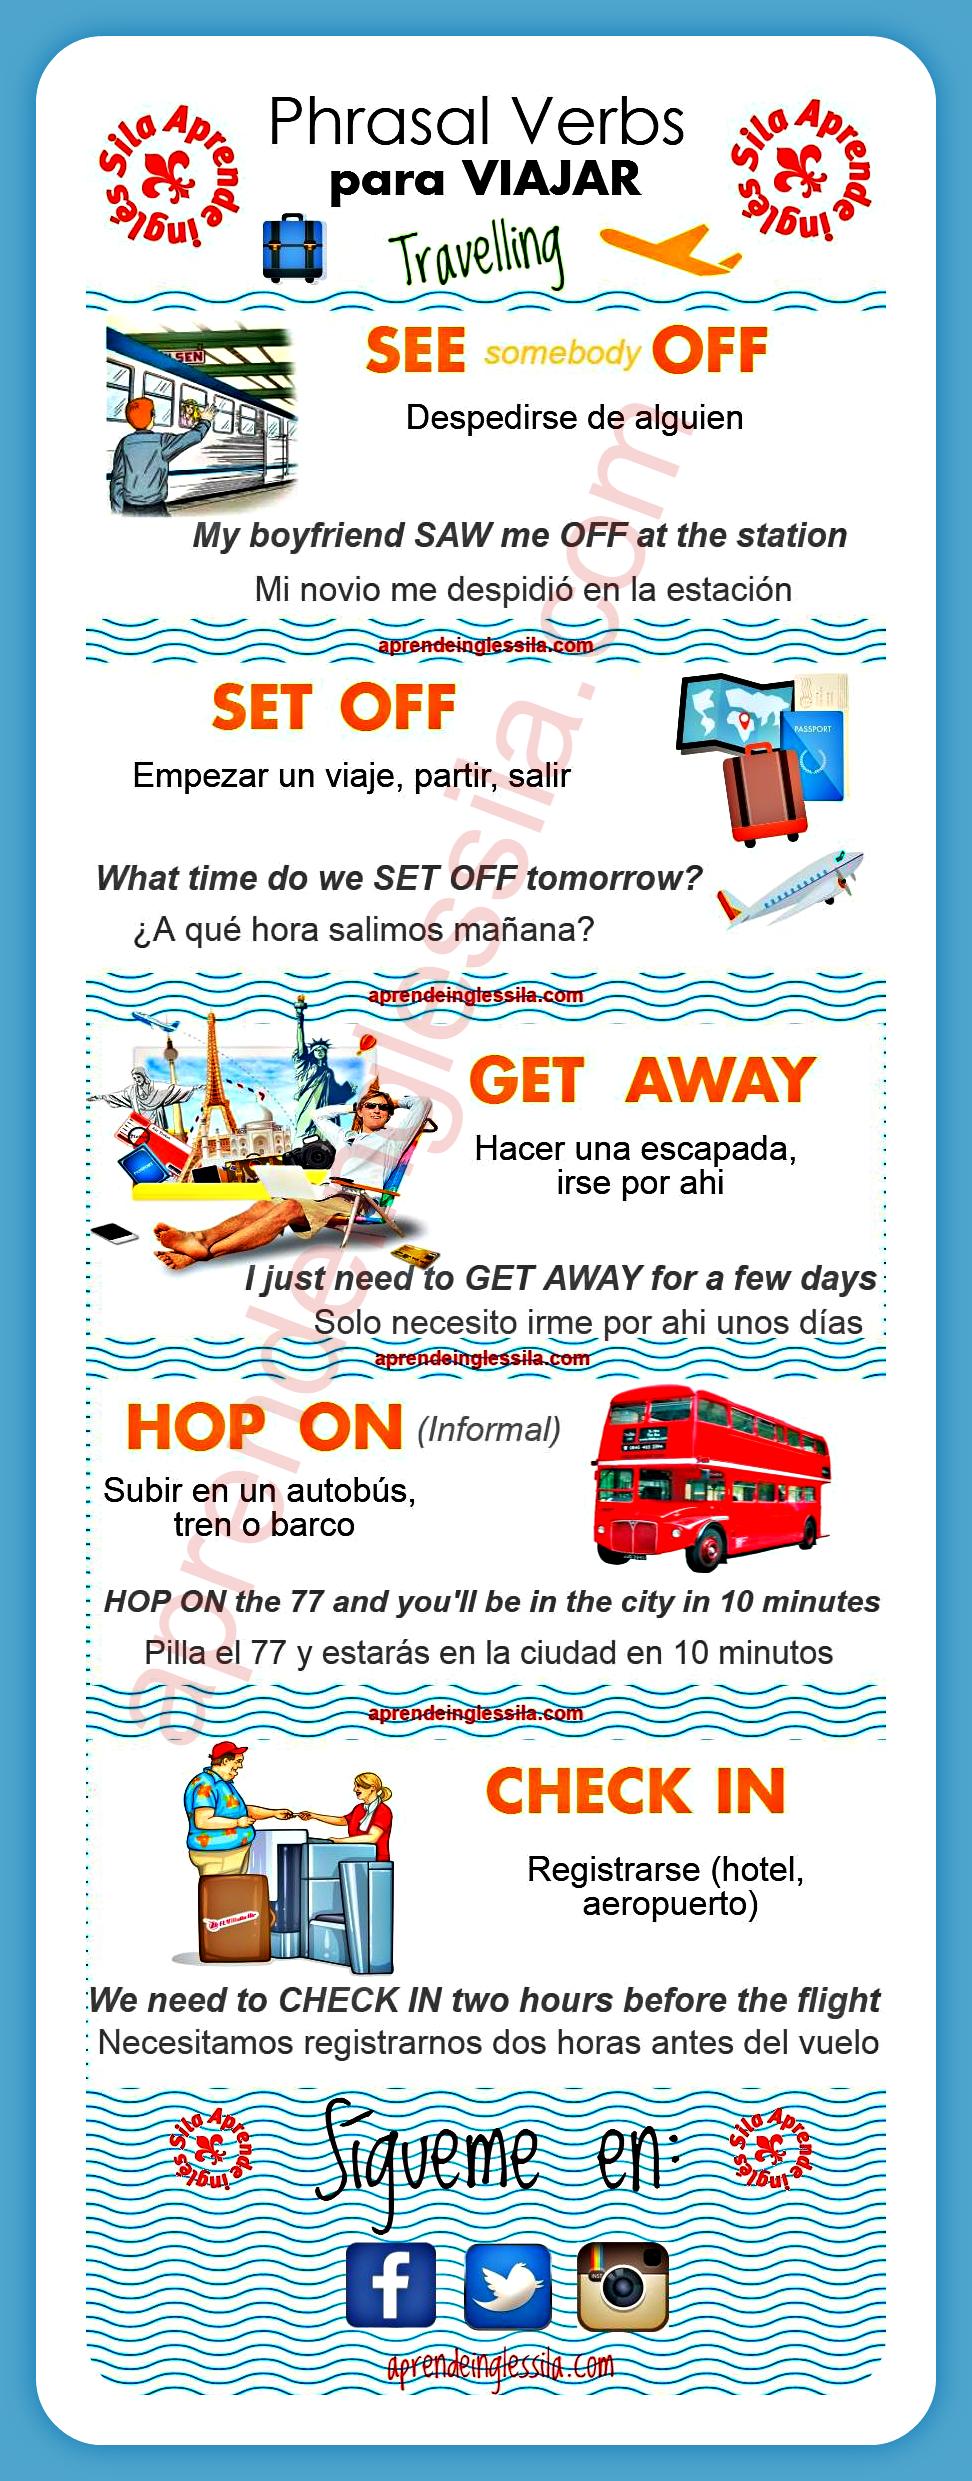 Vocabulario Básico En Inglés Para Viajar Aprende Inglés Sila